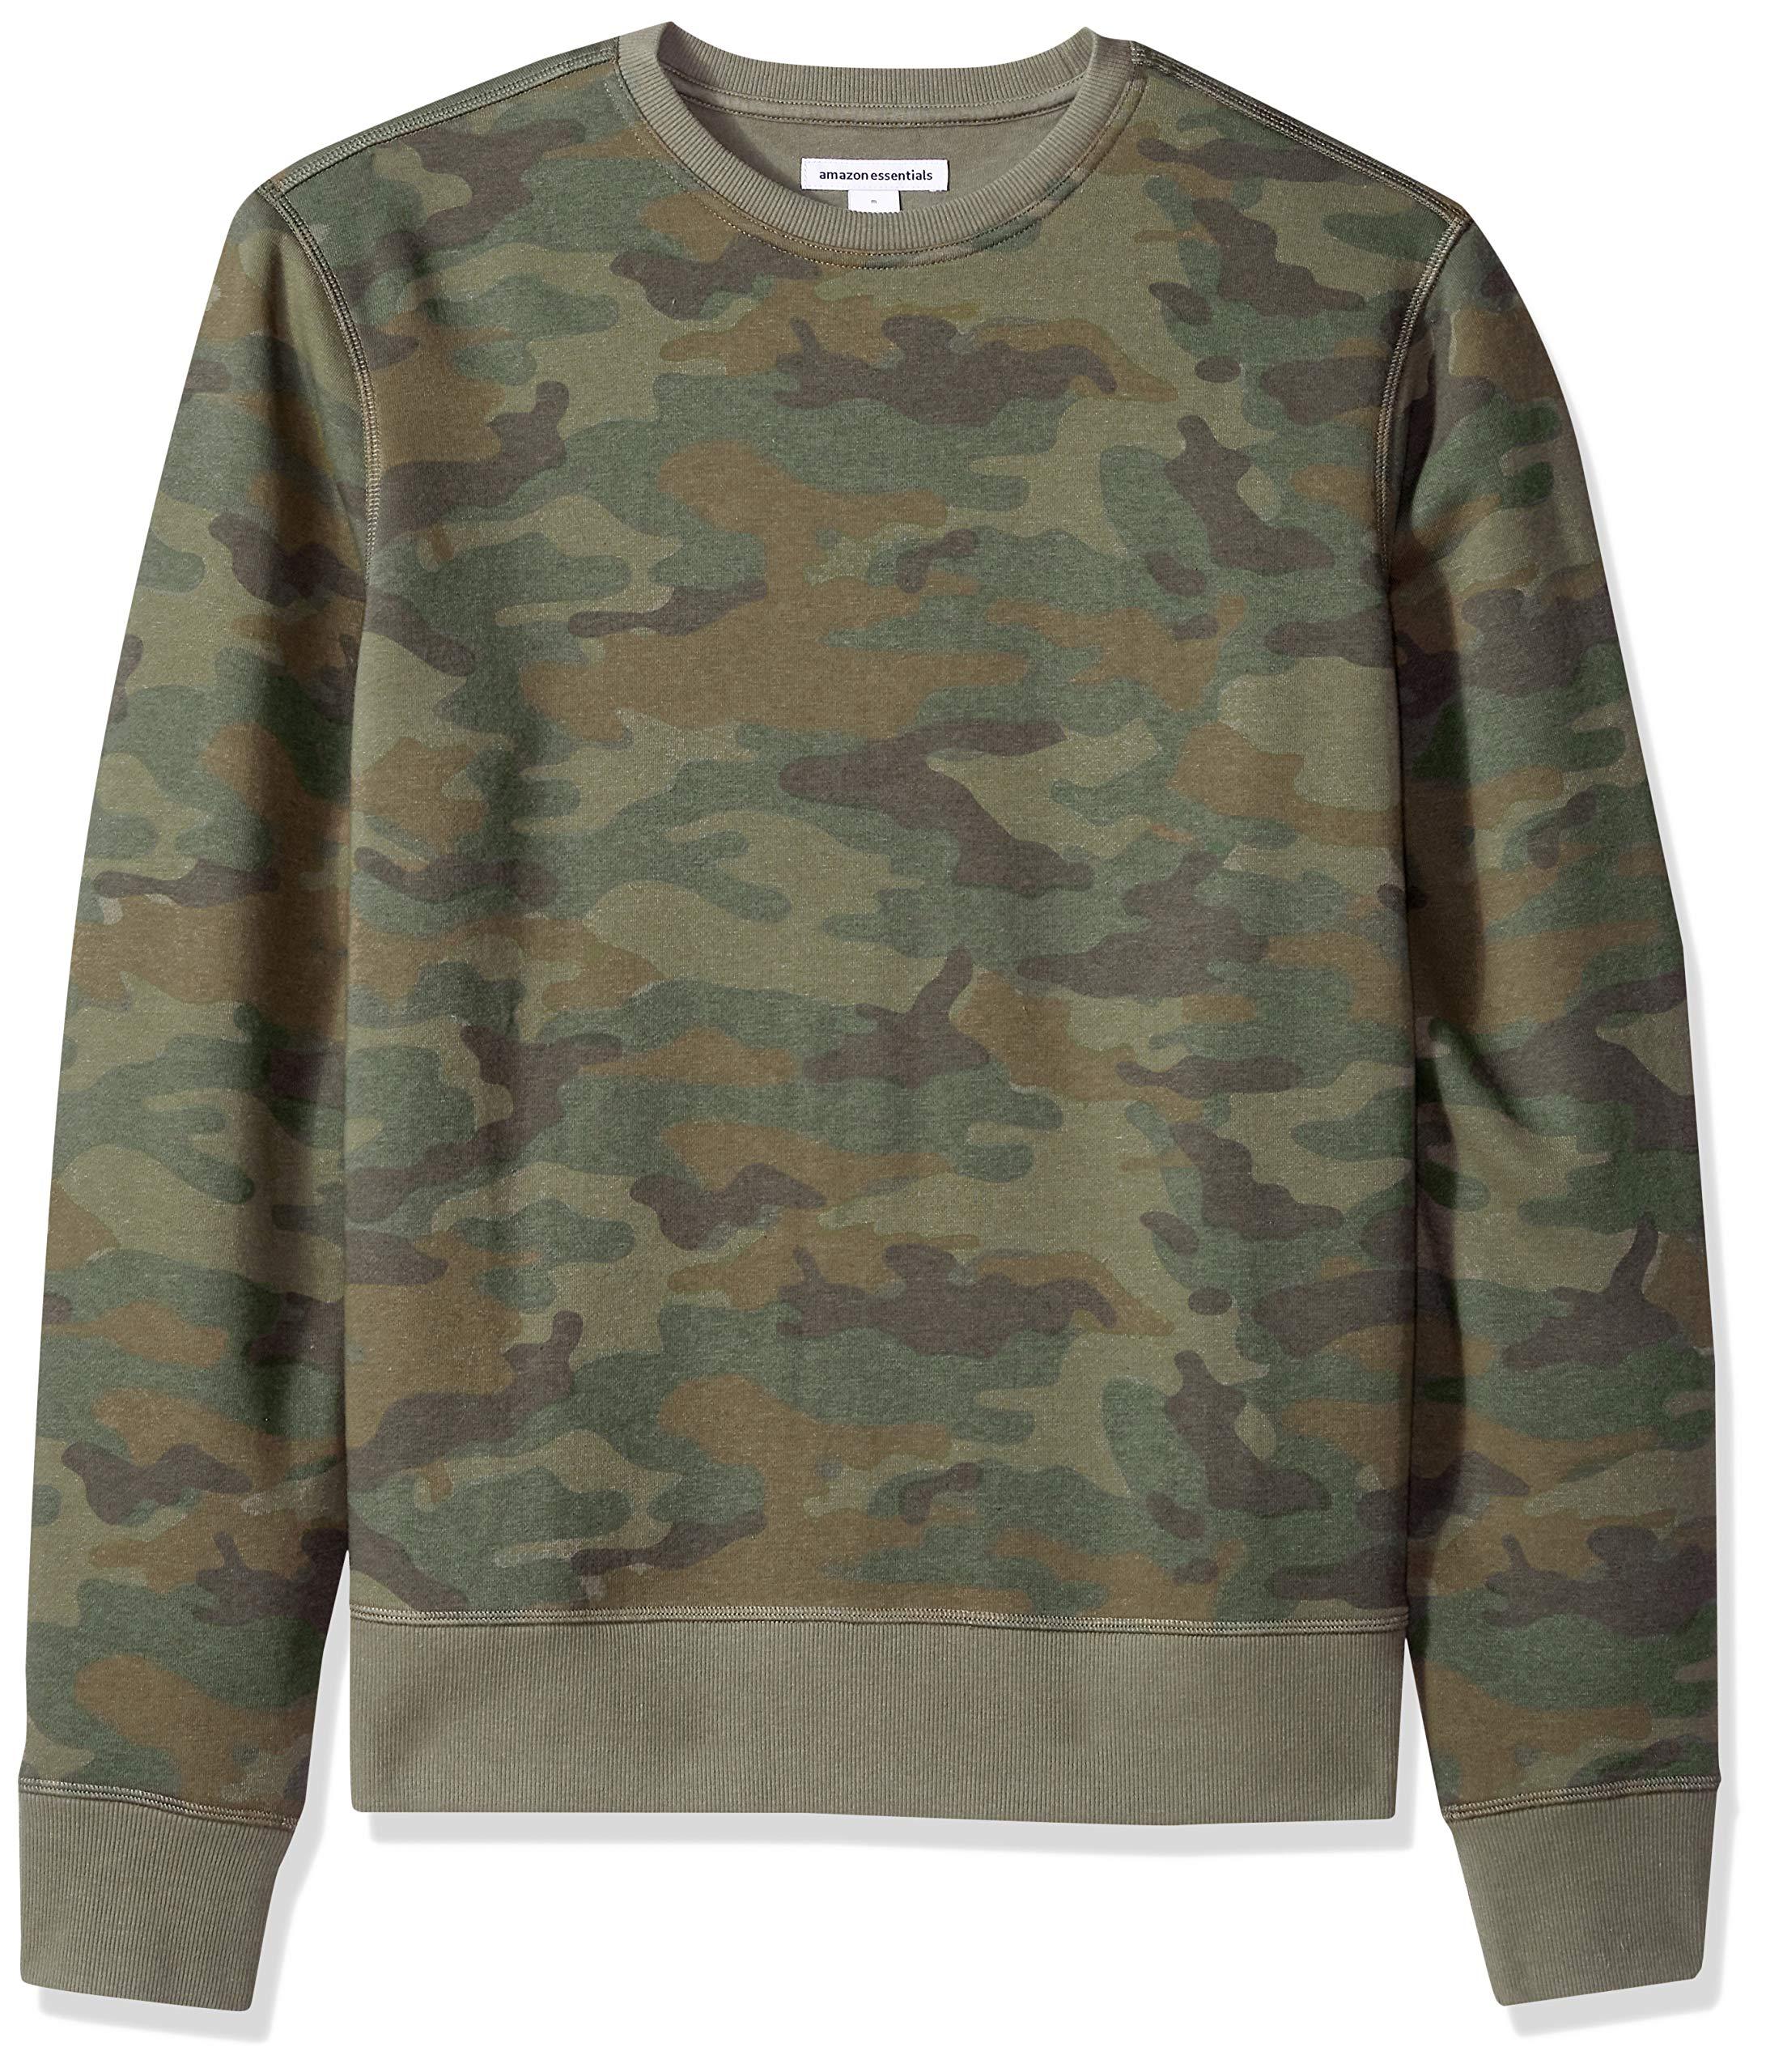 Amazon Essentials Men's Crewneck Fleece Sweatshirt, Camo, X-Large